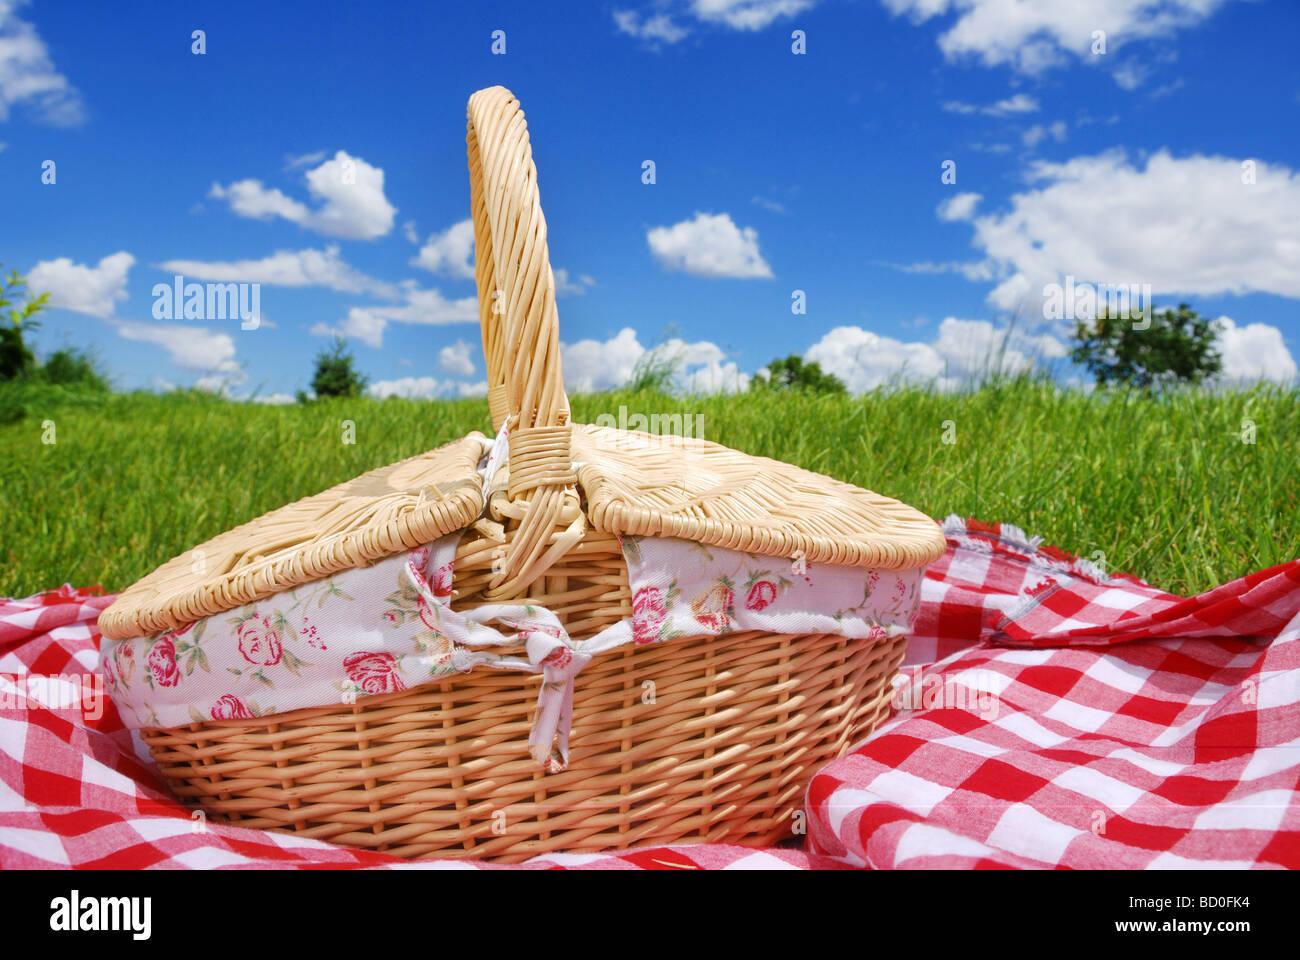 Picknick-Einstellungen auf Wiese Stockbild